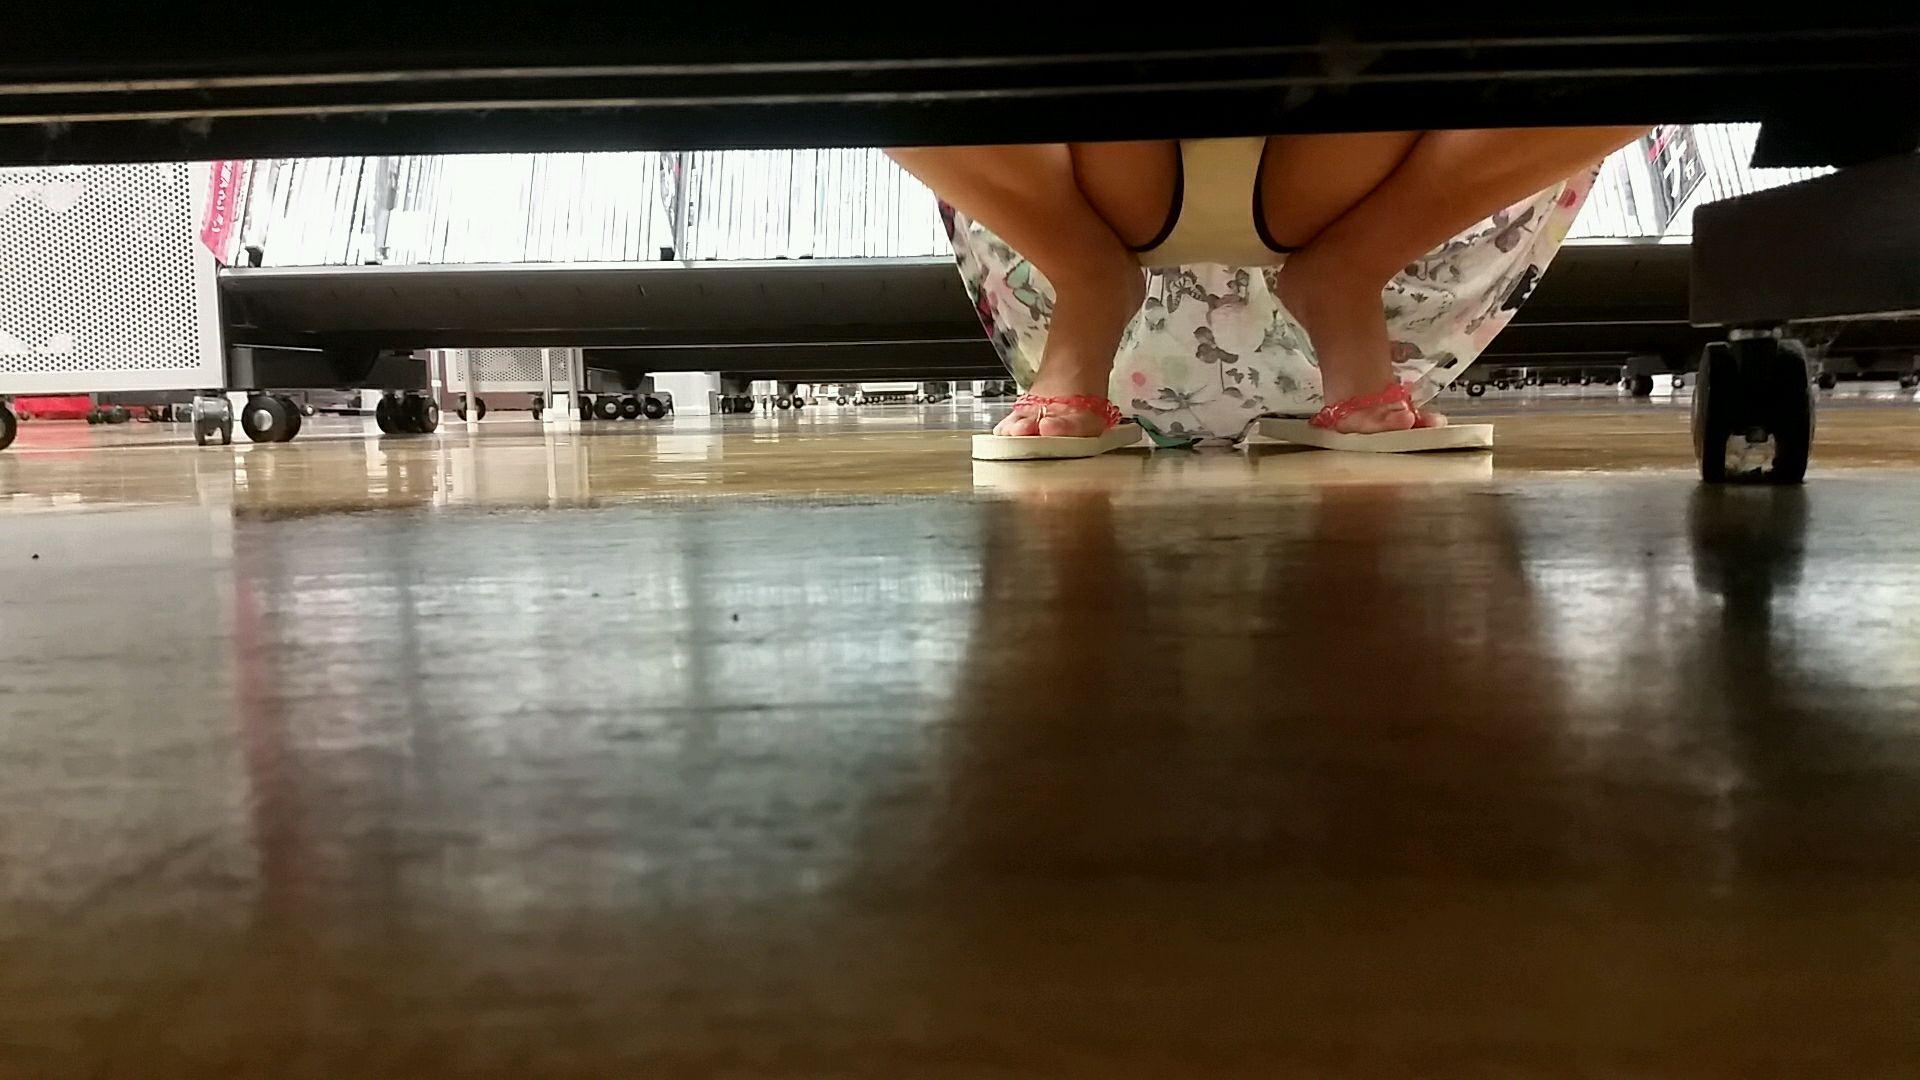 レンタルショップで女性客のパンツ撮影してるパンチラ画像 IK8JYggEhK3c07